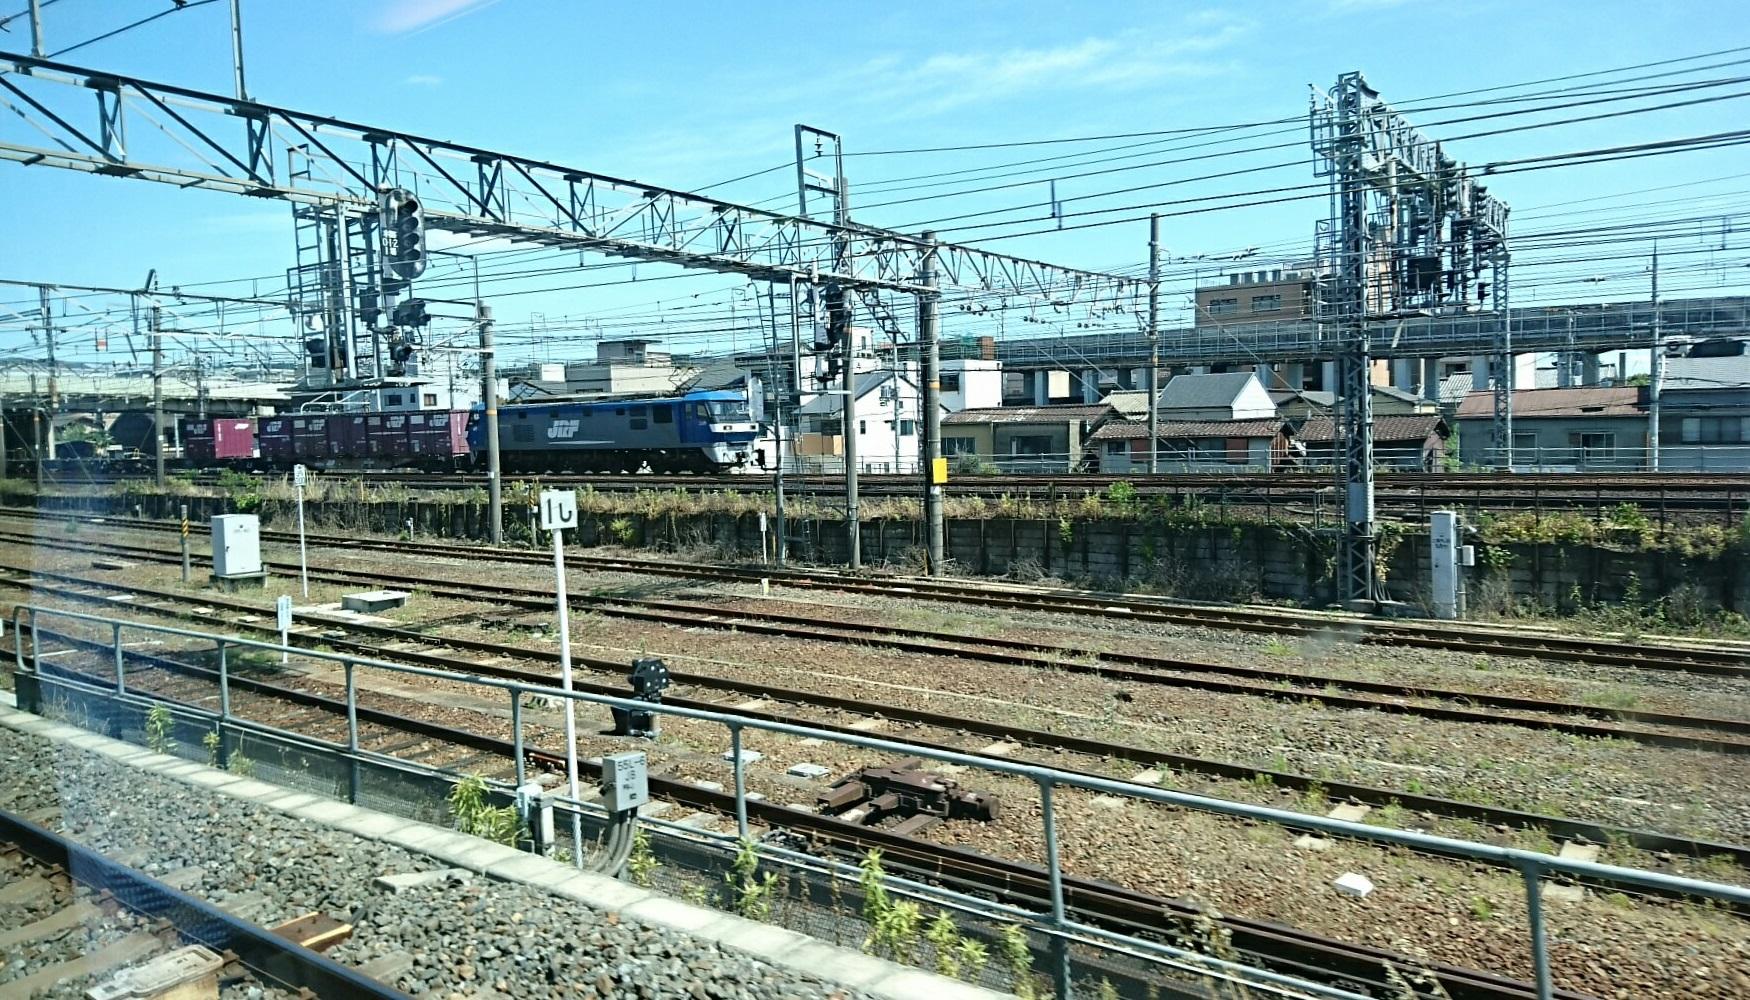 2017.6.4 天橋立 (137) きのさき14号 - 丹波口-京都間 1750-1000